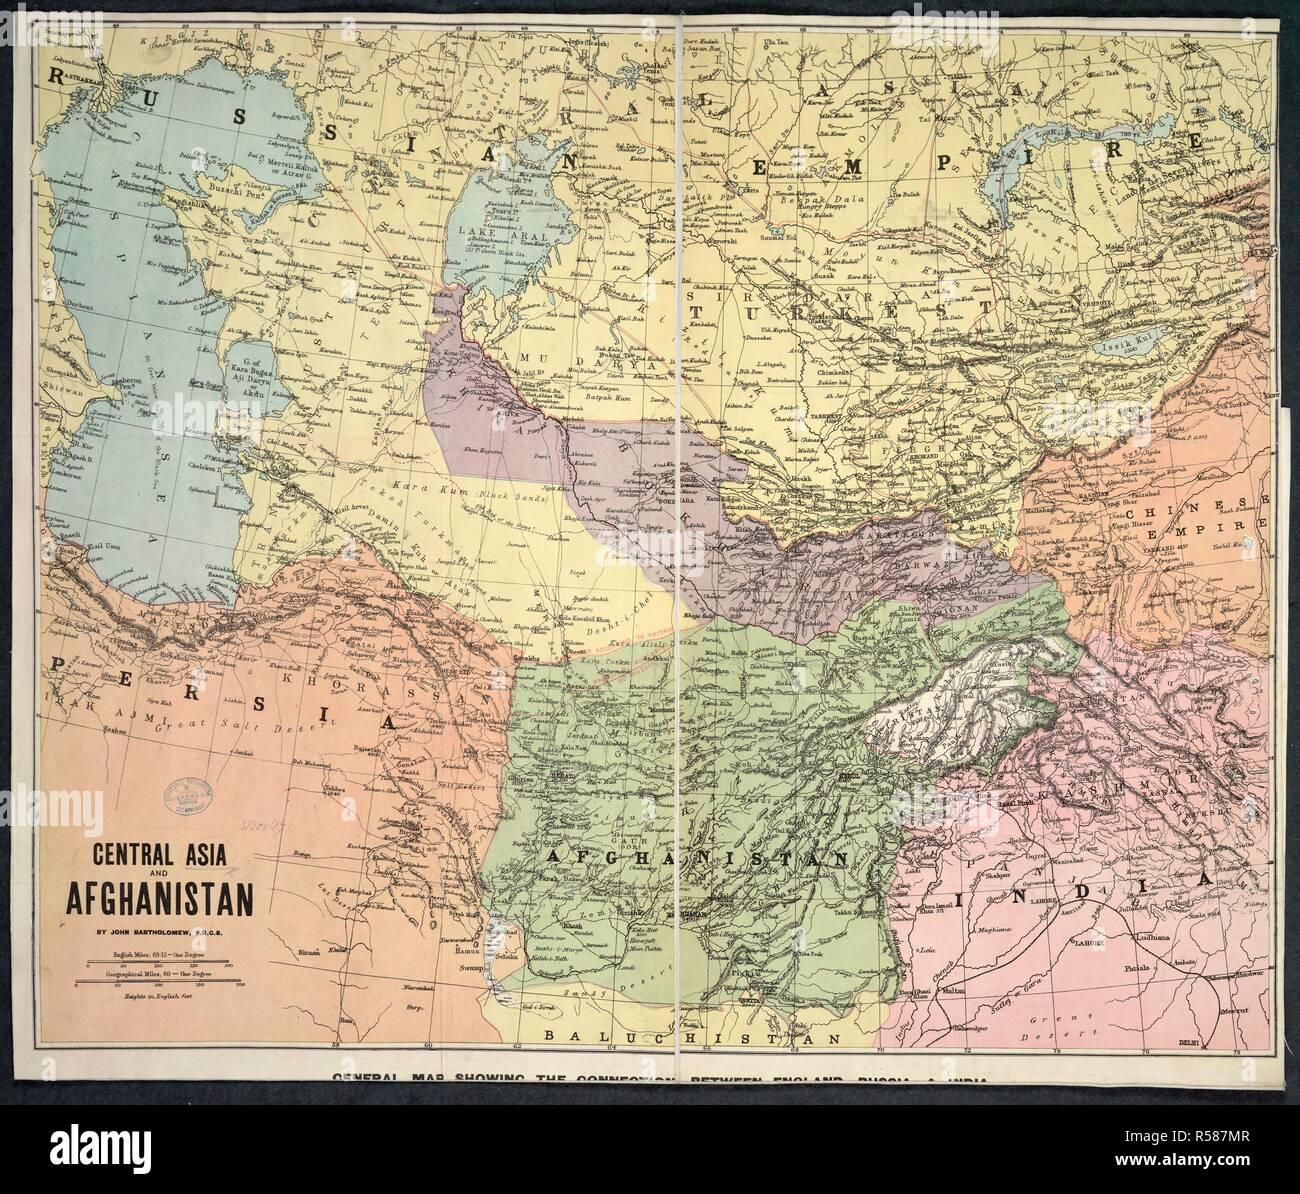 La Carte De Lasie Centrale.Une Carte De L Asie Centrale Et L Afghanistan L Asie